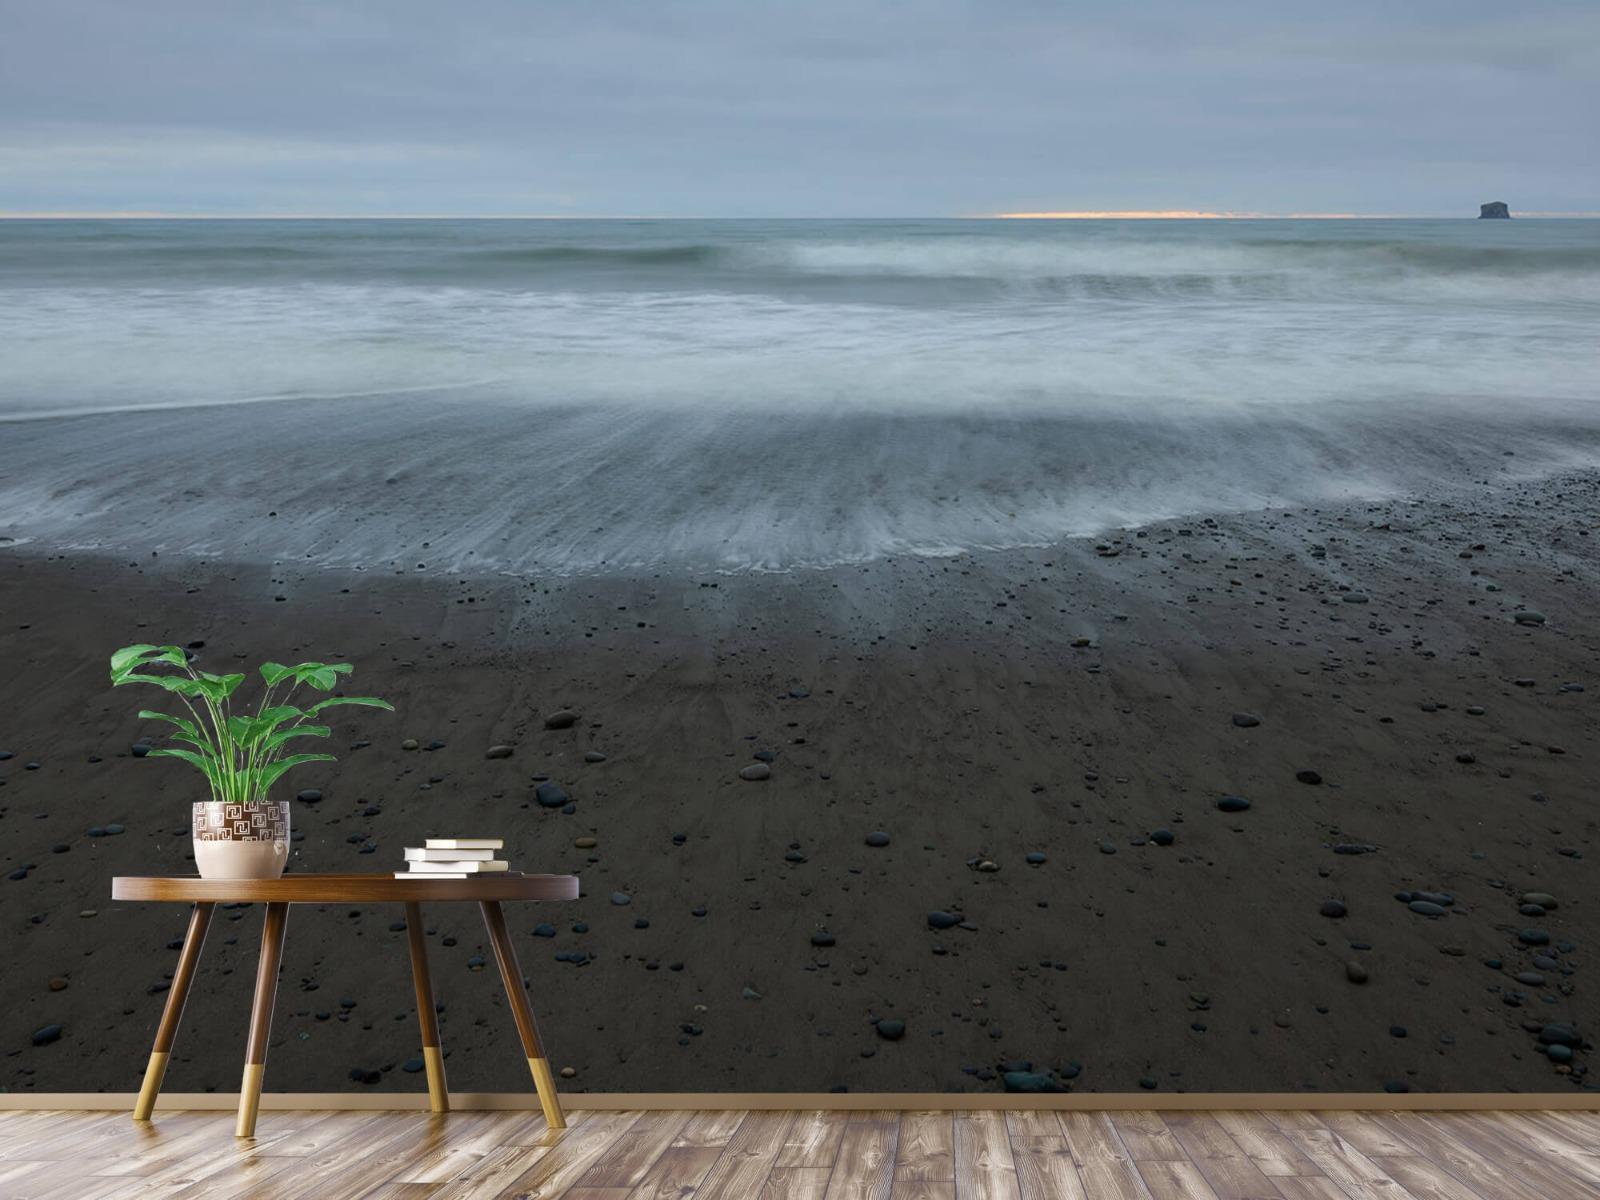 Zeeën en Oceanen - Golven aan het strand - Slaapkamer 7